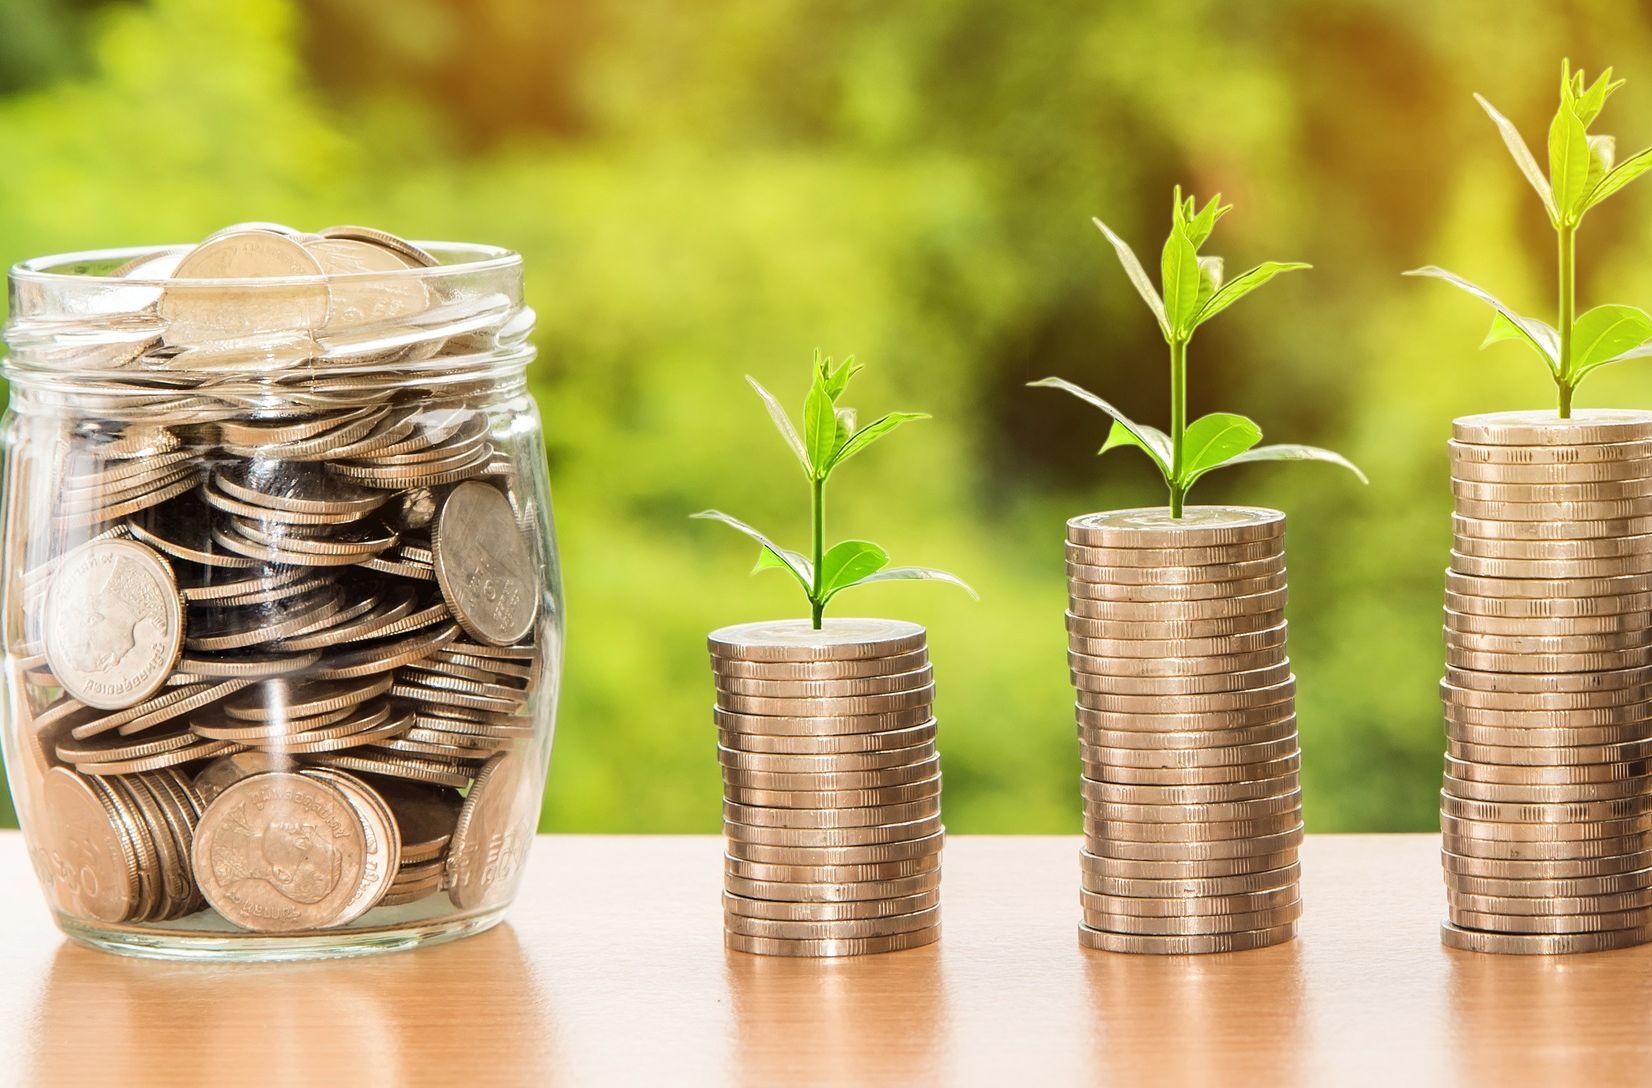 Uuringu tulemused! Kui suurt palka teenivad oma ala parimad?